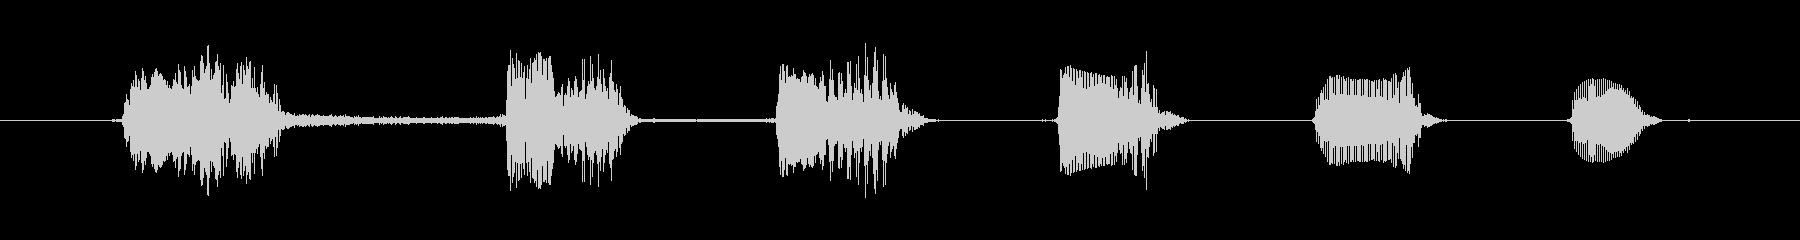 鳴き声 悪意のある笑い01の未再生の波形